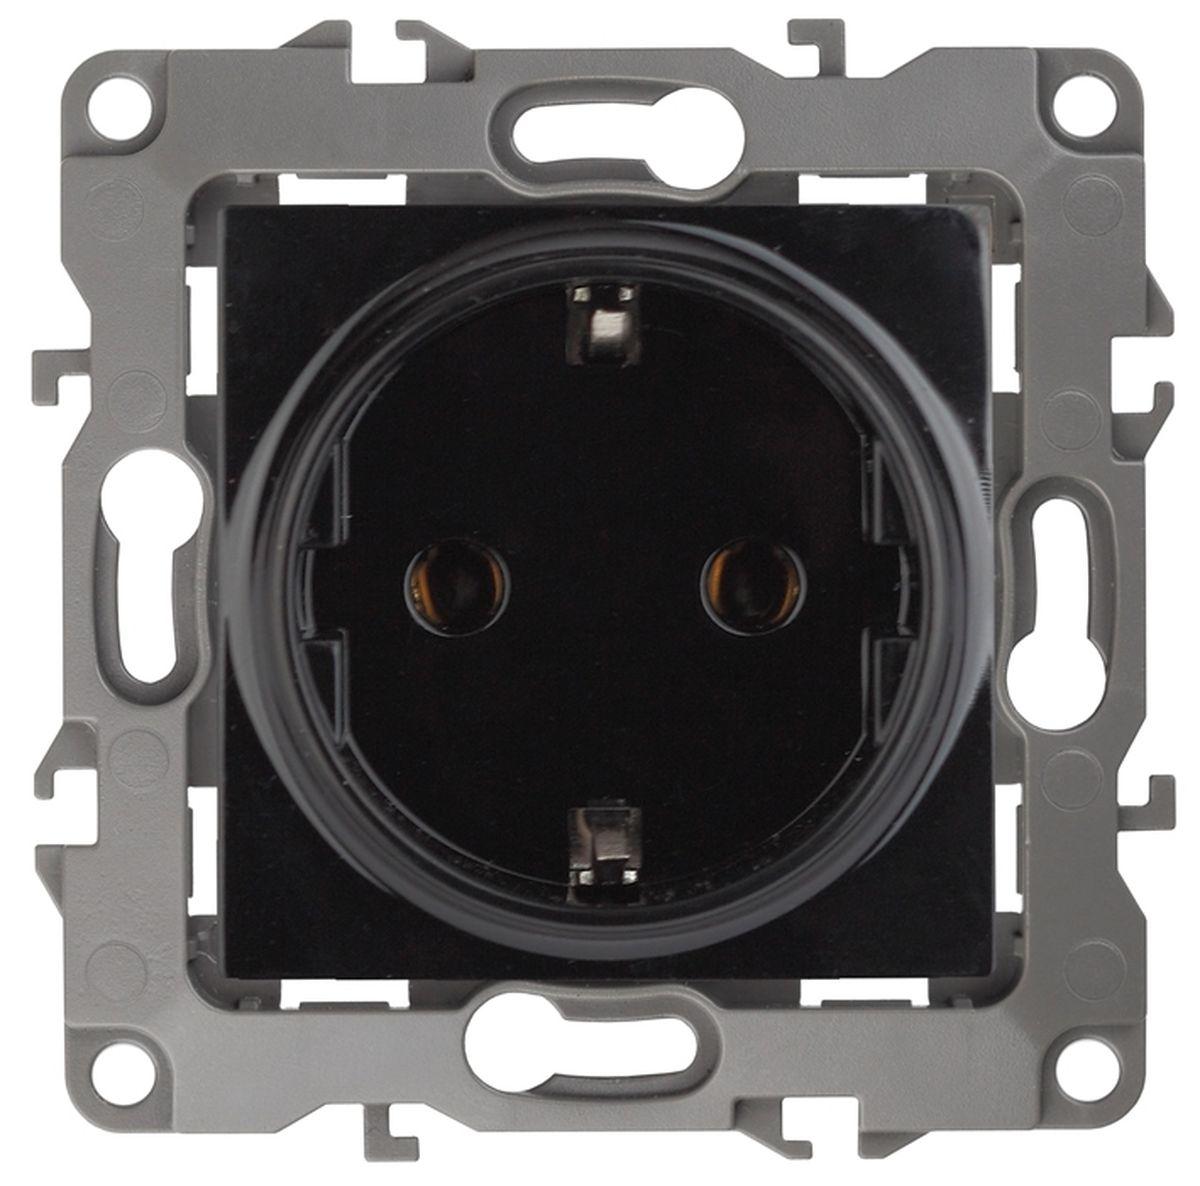 Розетка одинарная Эра, цвет: черный. 12-2101-0612-2101-06Одинарная розетка Эра с заземлением, скрытой установки, имеет бронзовые контакты и фиксаторы модулей. Автоматические зажимы кабеля обеспечивают быстрый и надежный монтаж изделия к электросети без отвертки и не требуют обслуживания в отличие от винтовых зажимов.